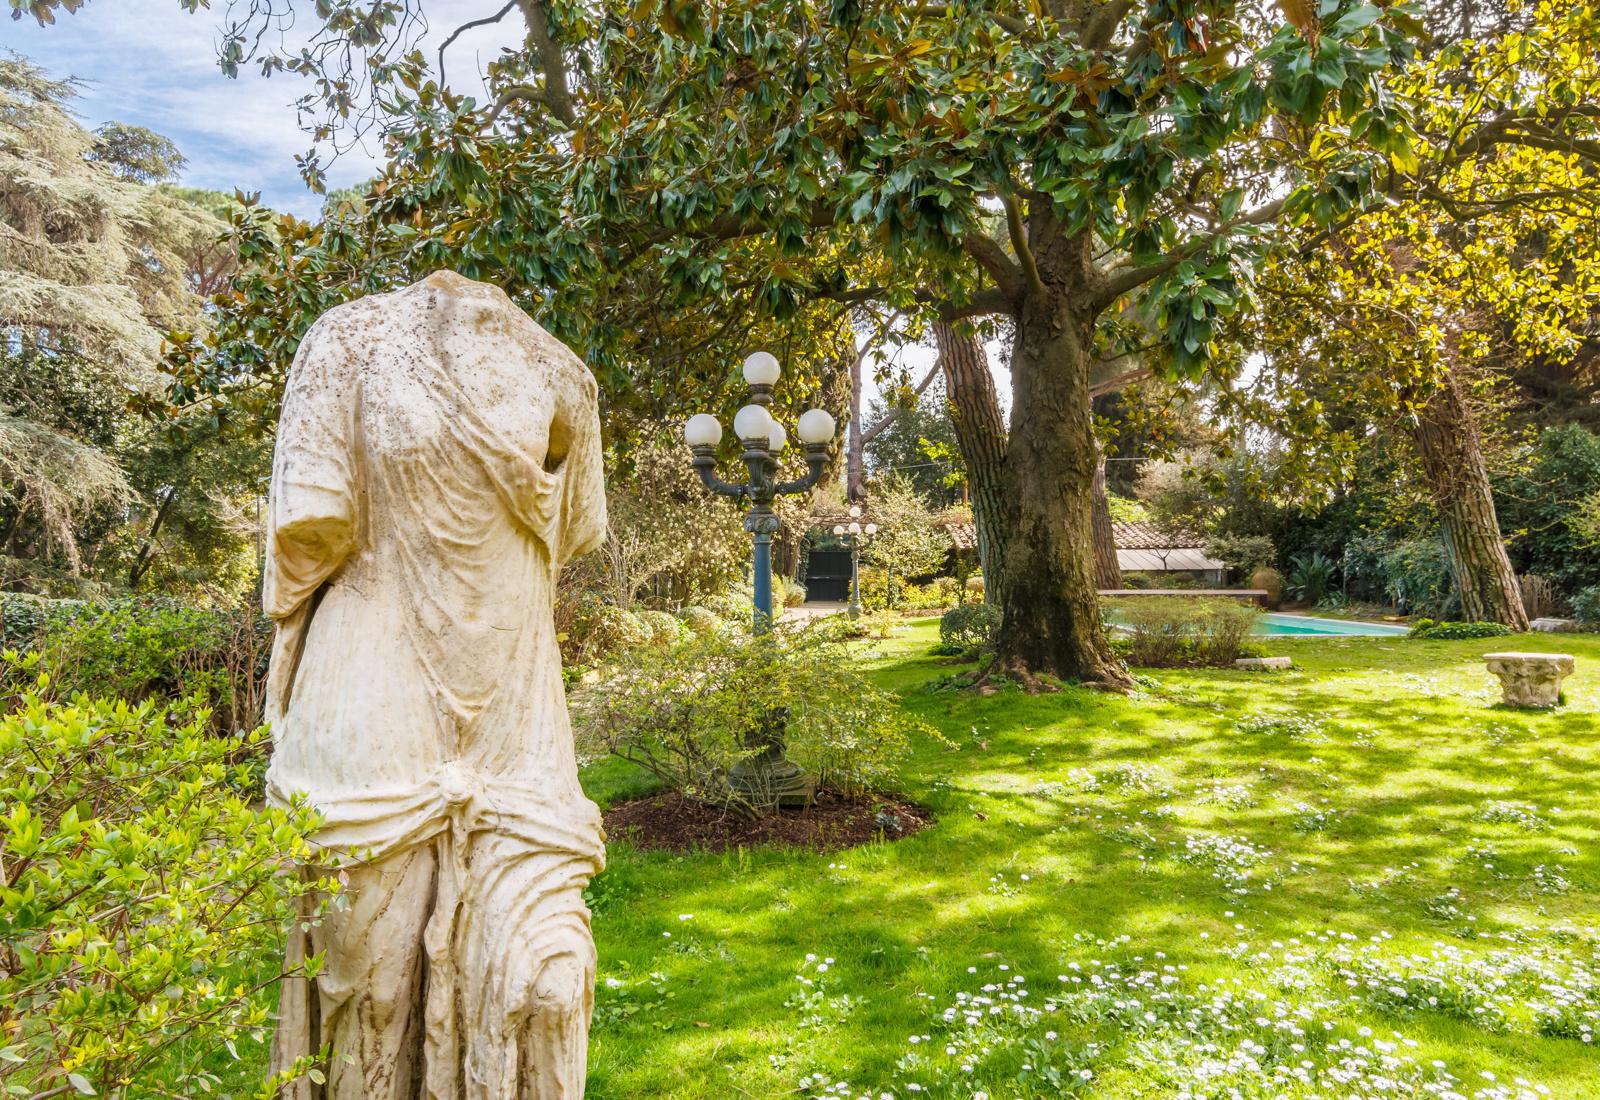 Продается бывшая вилла Софи Лорен в Риме (галерея 3, фото 4)